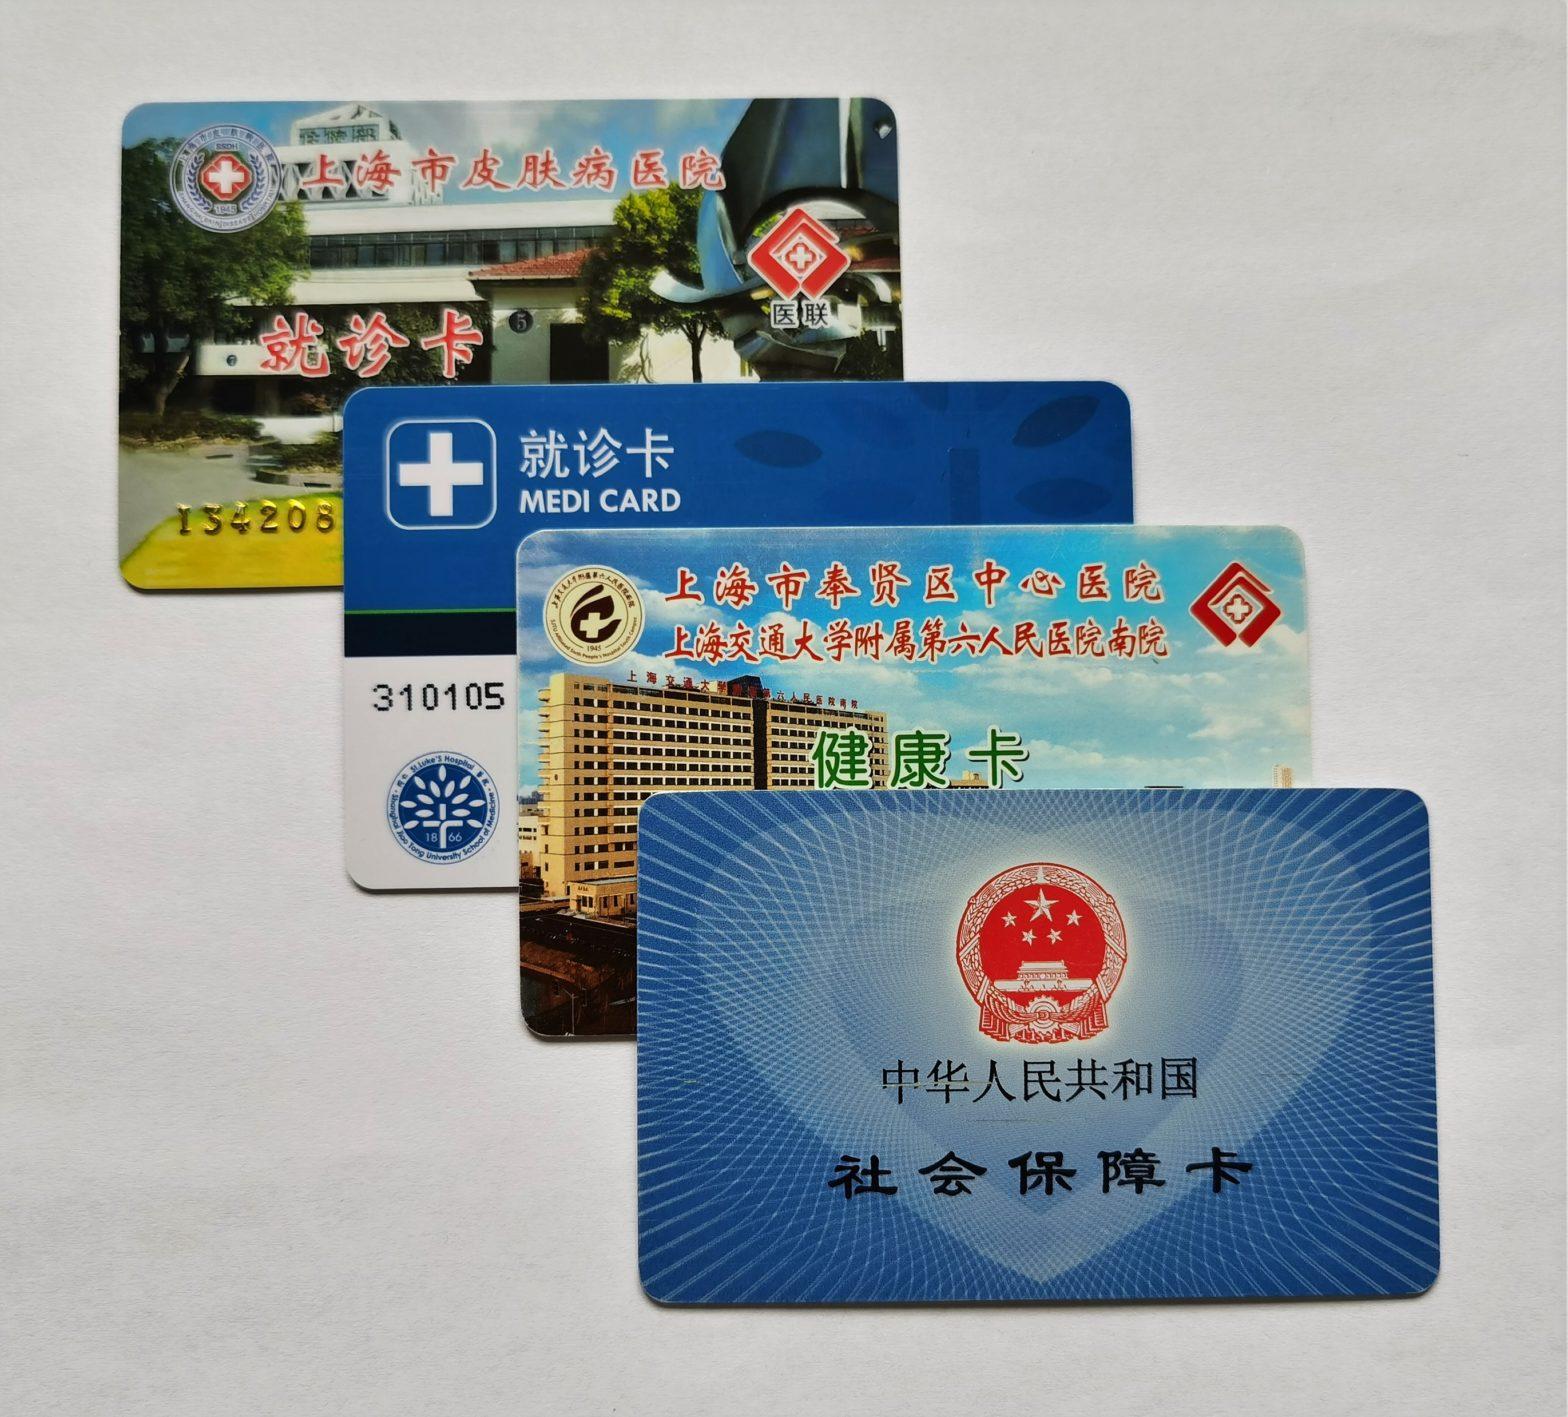 不统一的就医卡。从左到右:上海市皮肤病医院就诊卡,同仁医院就诊卡(新版,未标医联标志),奉贤区中心医院就诊卡,社会保障卡